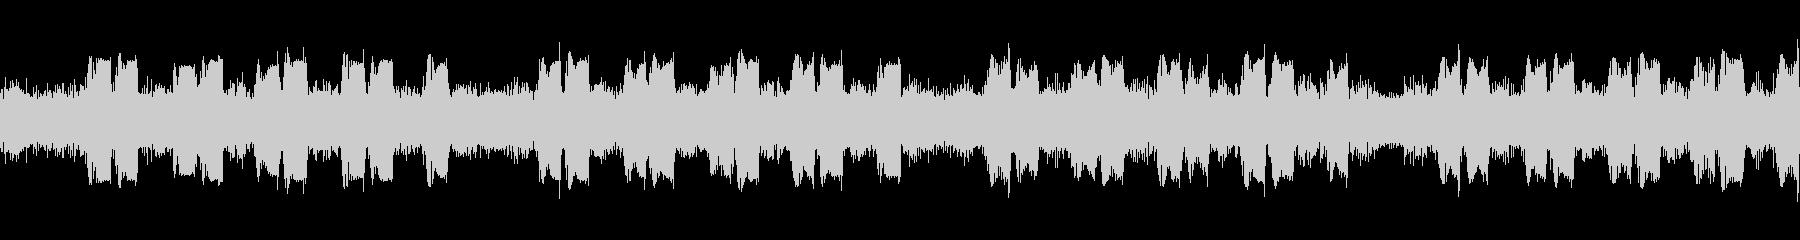 ヘビーギター1、BPM140、A、リフの未再生の波形